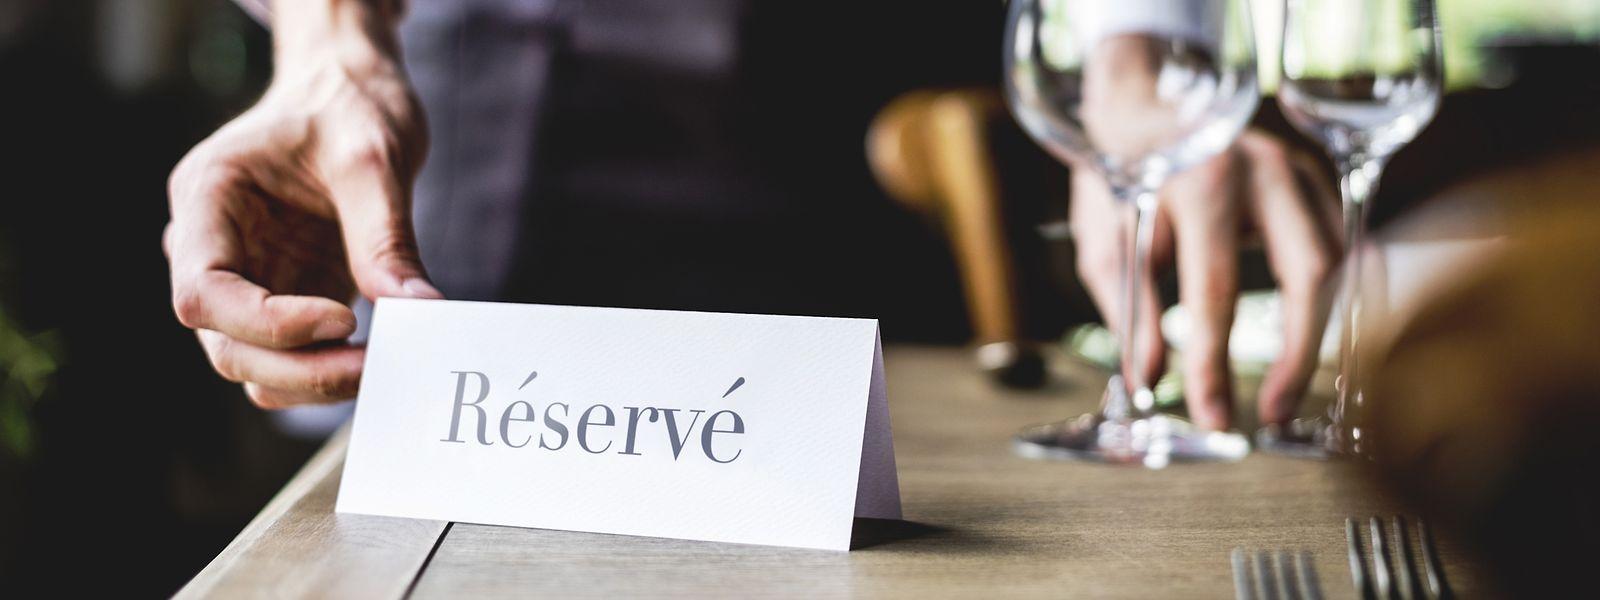 Tische bleiben leer: Das Nichtkommen von Gästen ist für Restaurants mit hohen finanziellen Schäden verbunden.